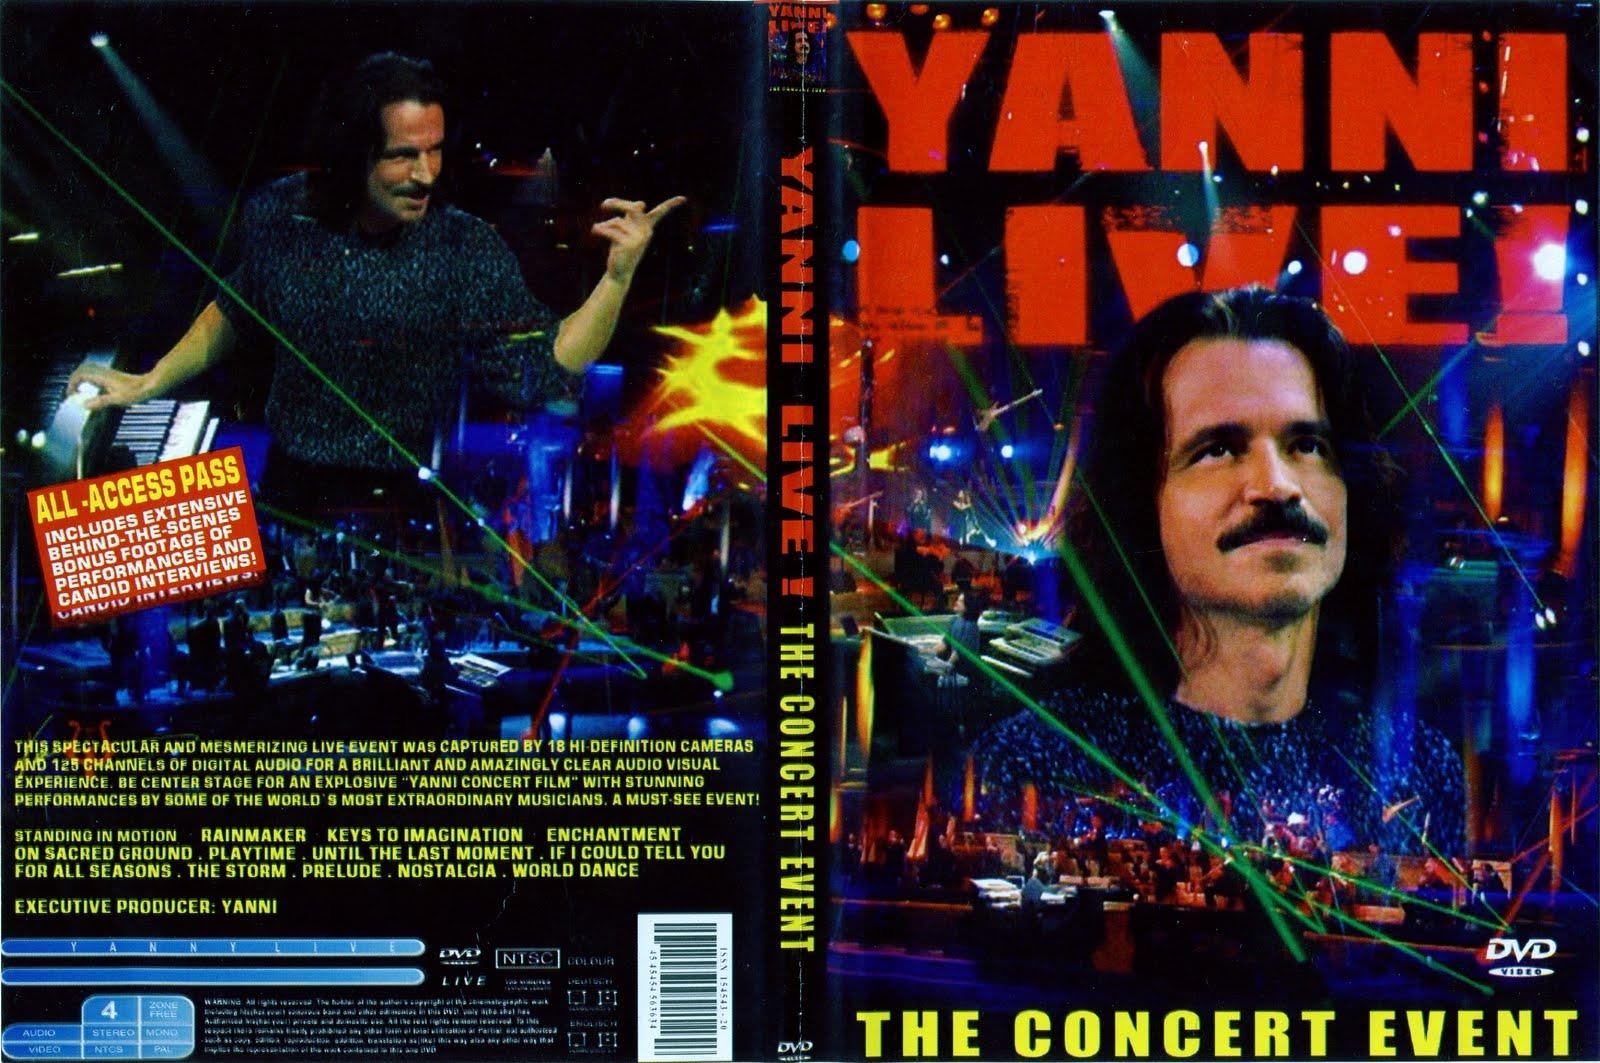 Yanni live concert event 2006 mp3 скачать